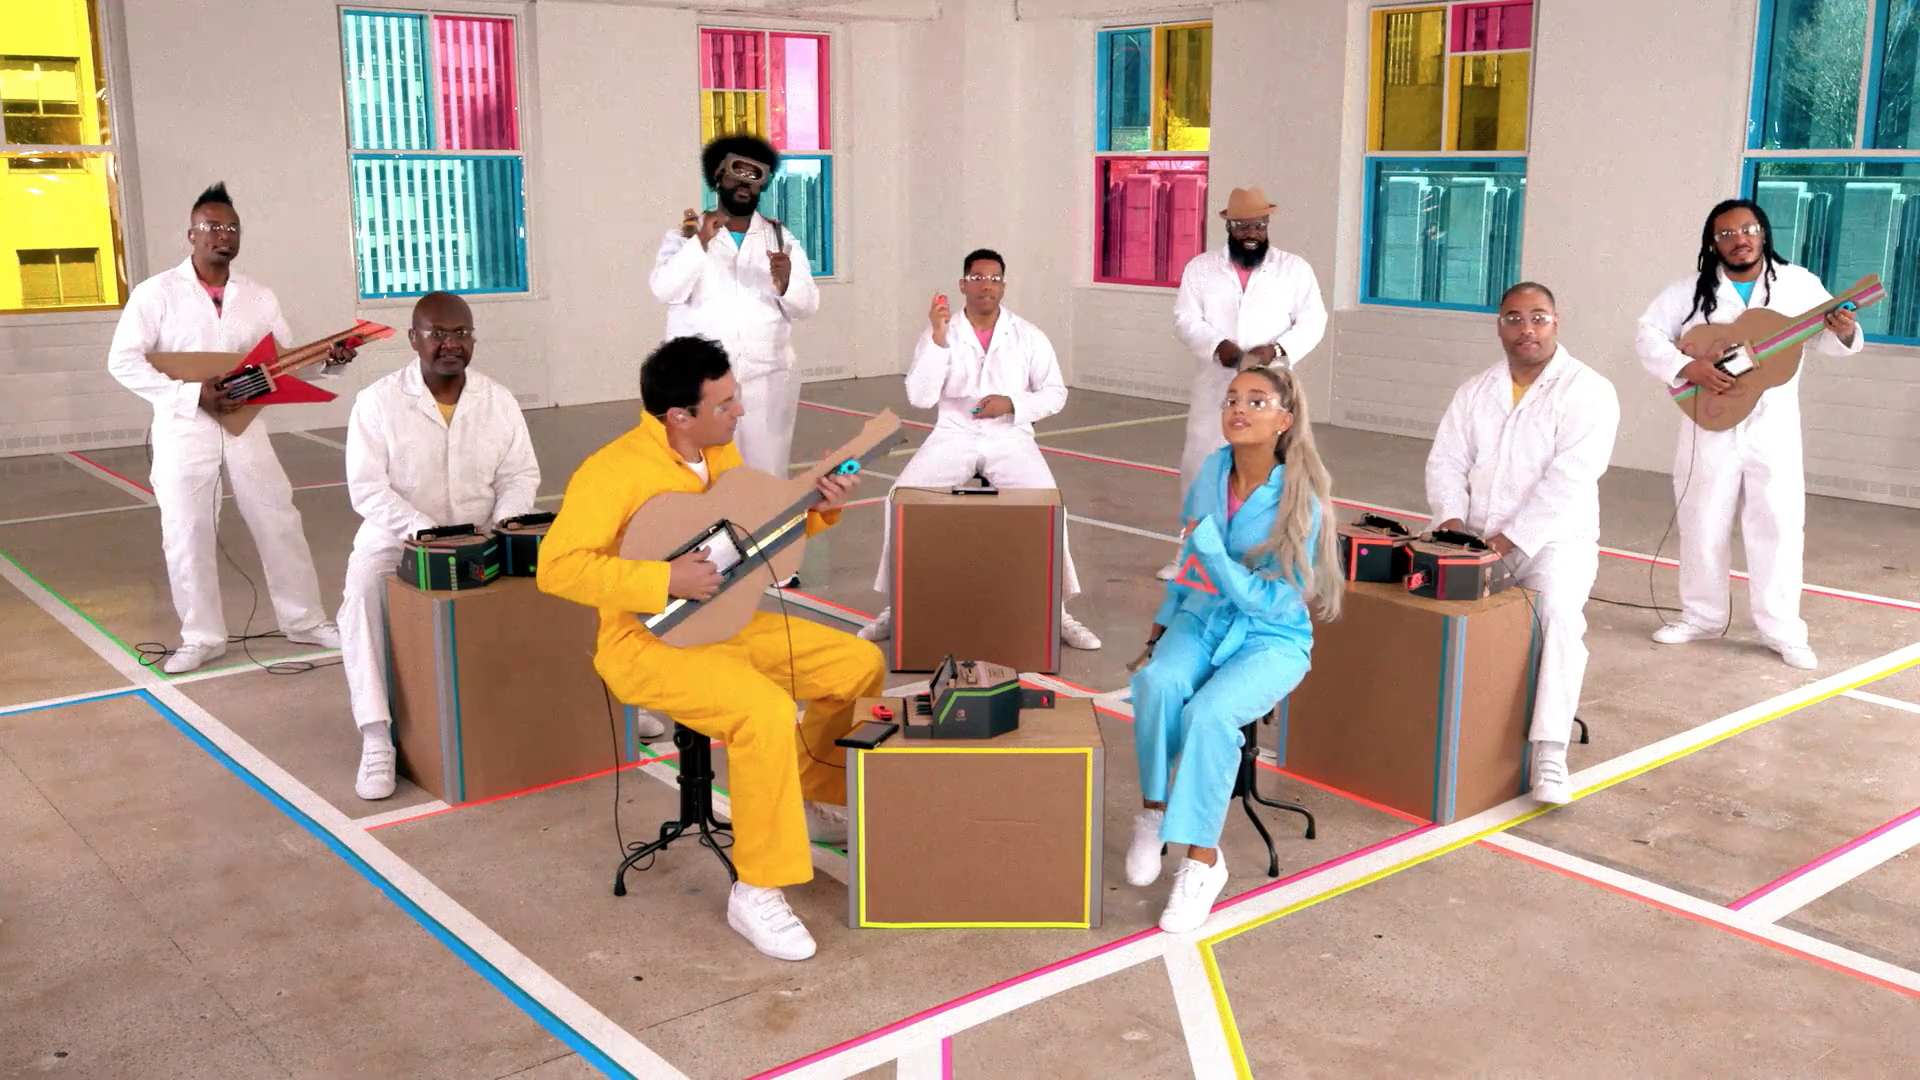 [Curiosidade] The Roots, Ariana Grande e Jimmy Fallon se juntam para gravar um clipe utilizando o Nintendo LABO